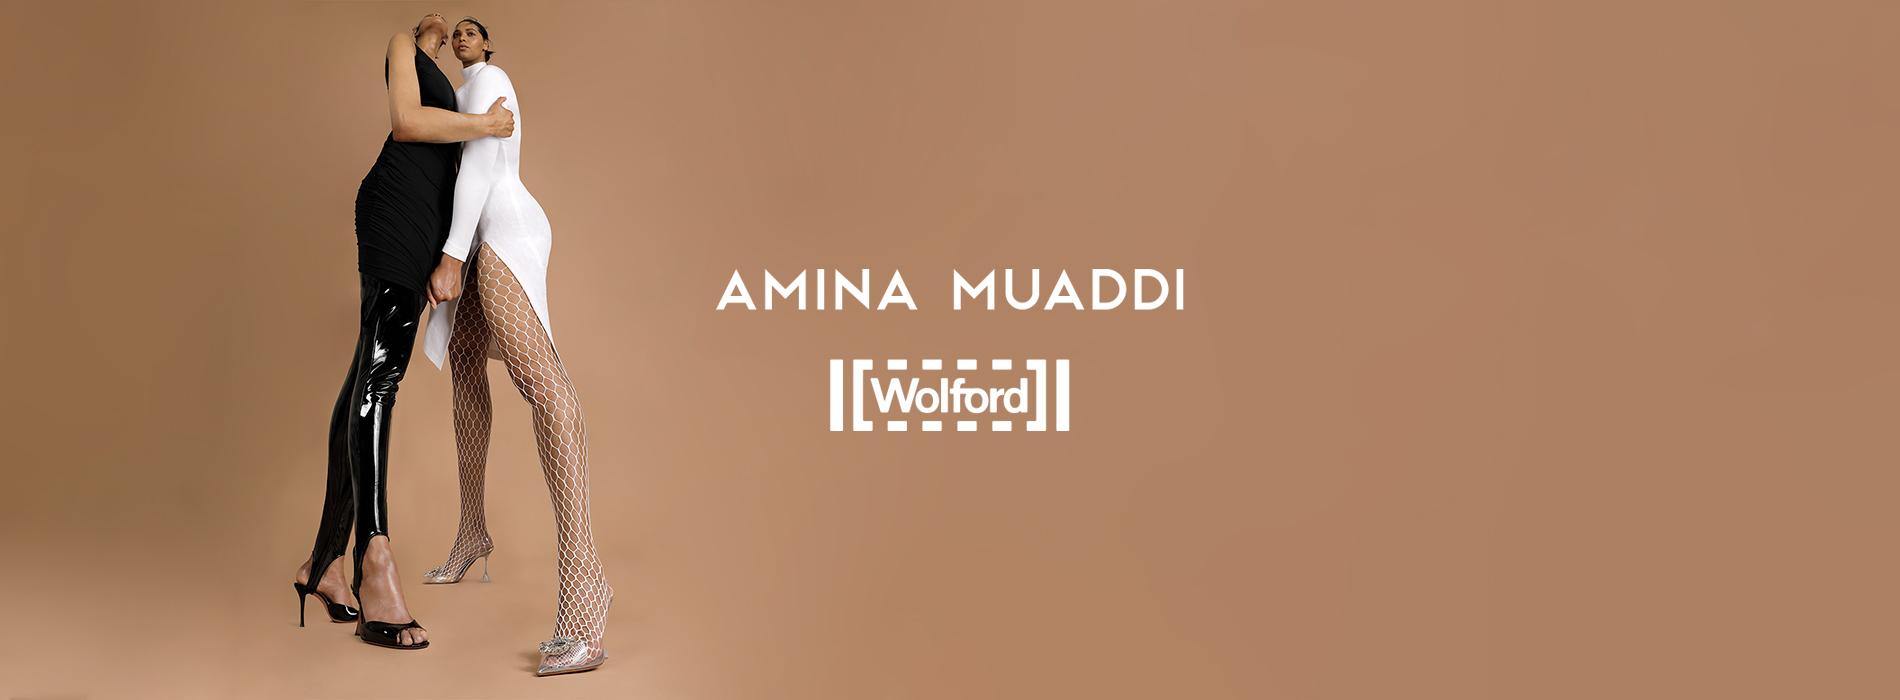 Amina Muaddi x Wolford